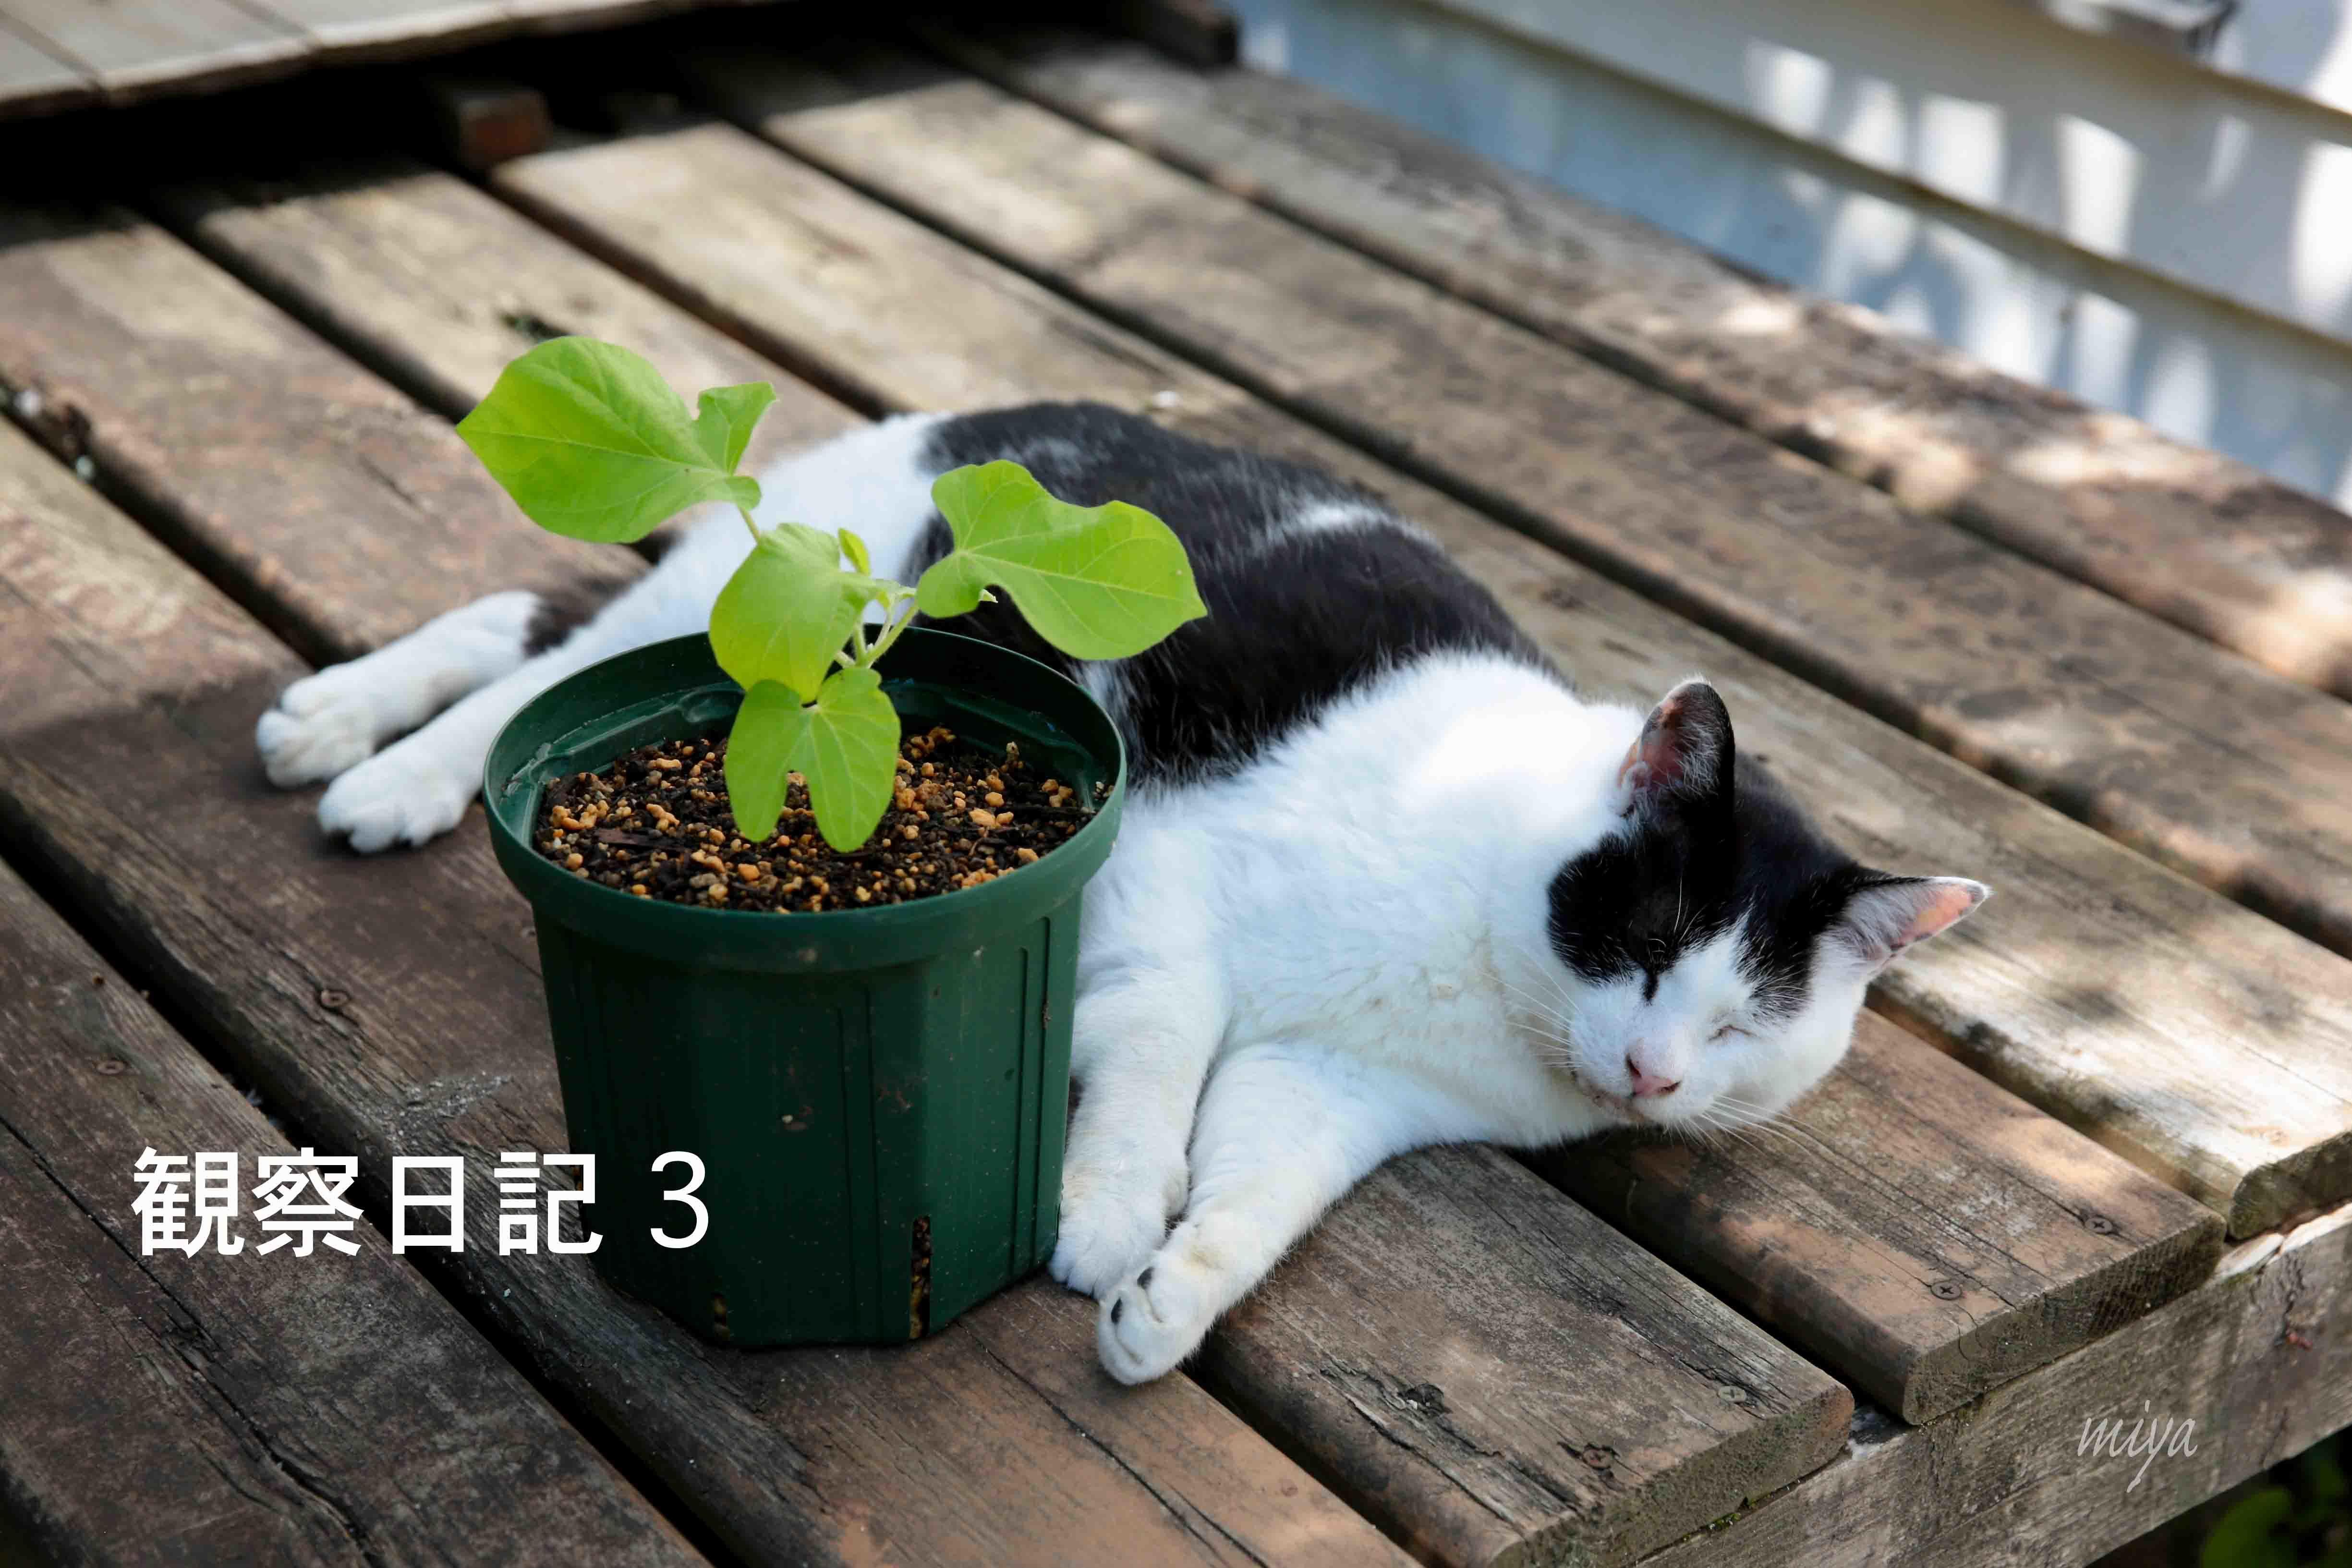 団十郎観察3m032A2419